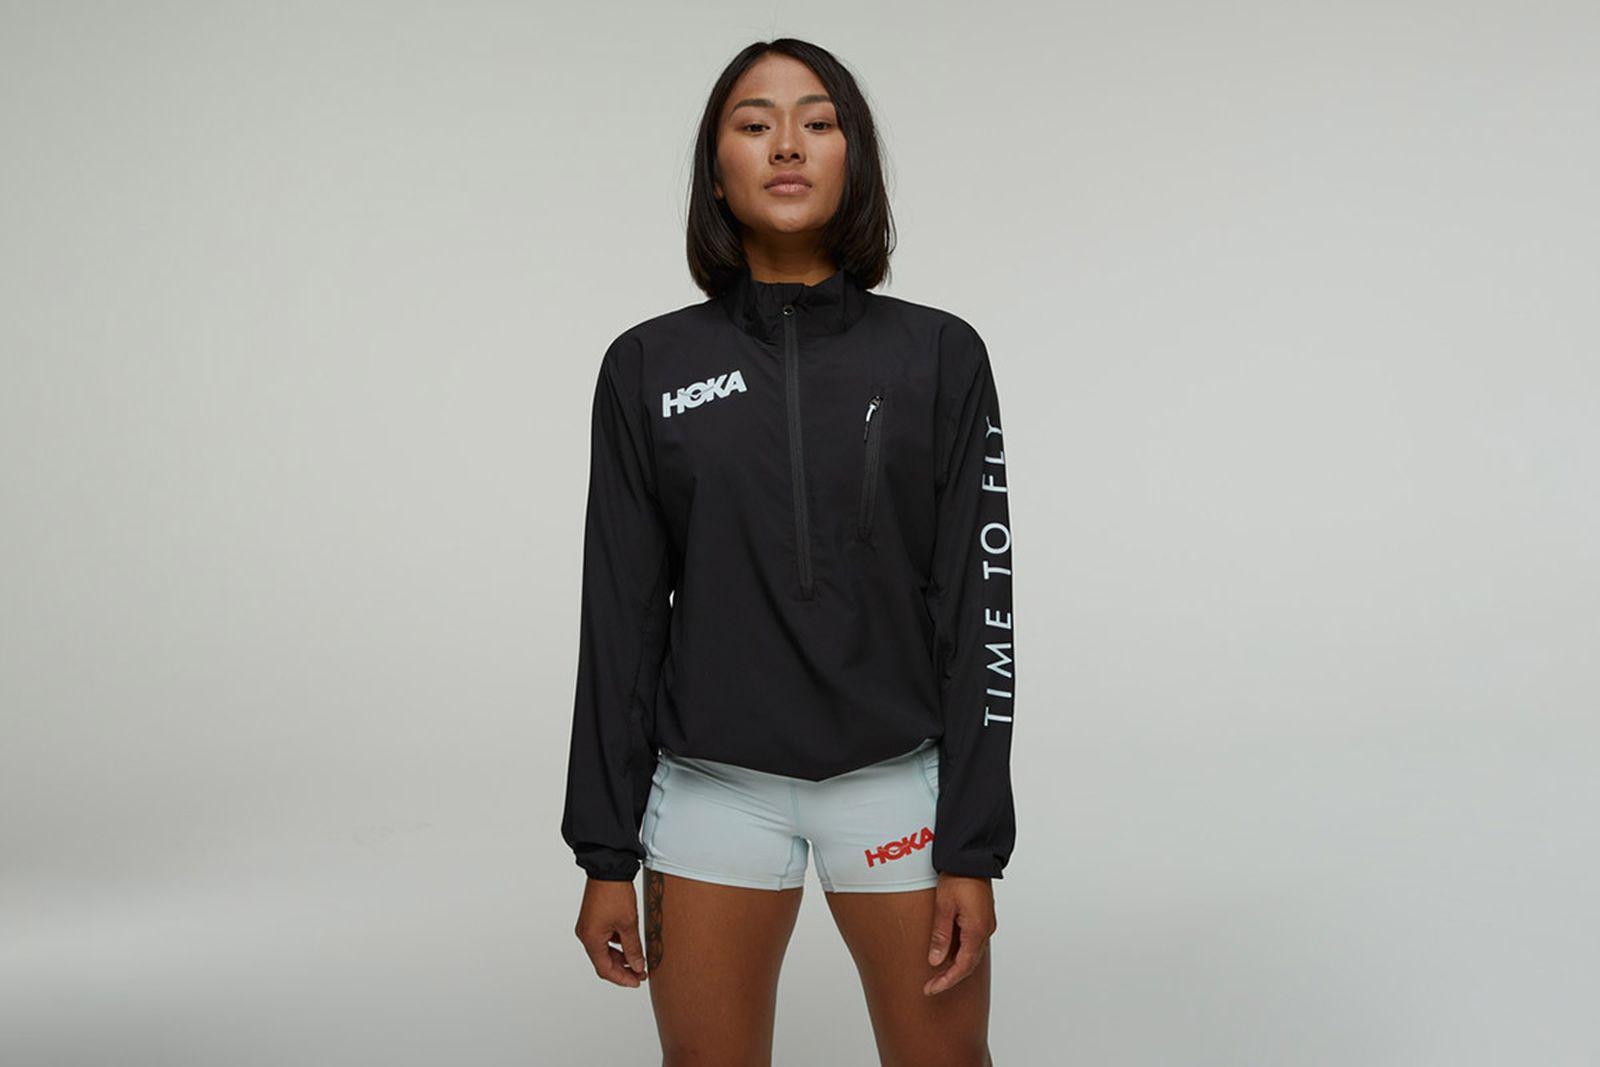 hoke-one-one-ss20-apparel-02